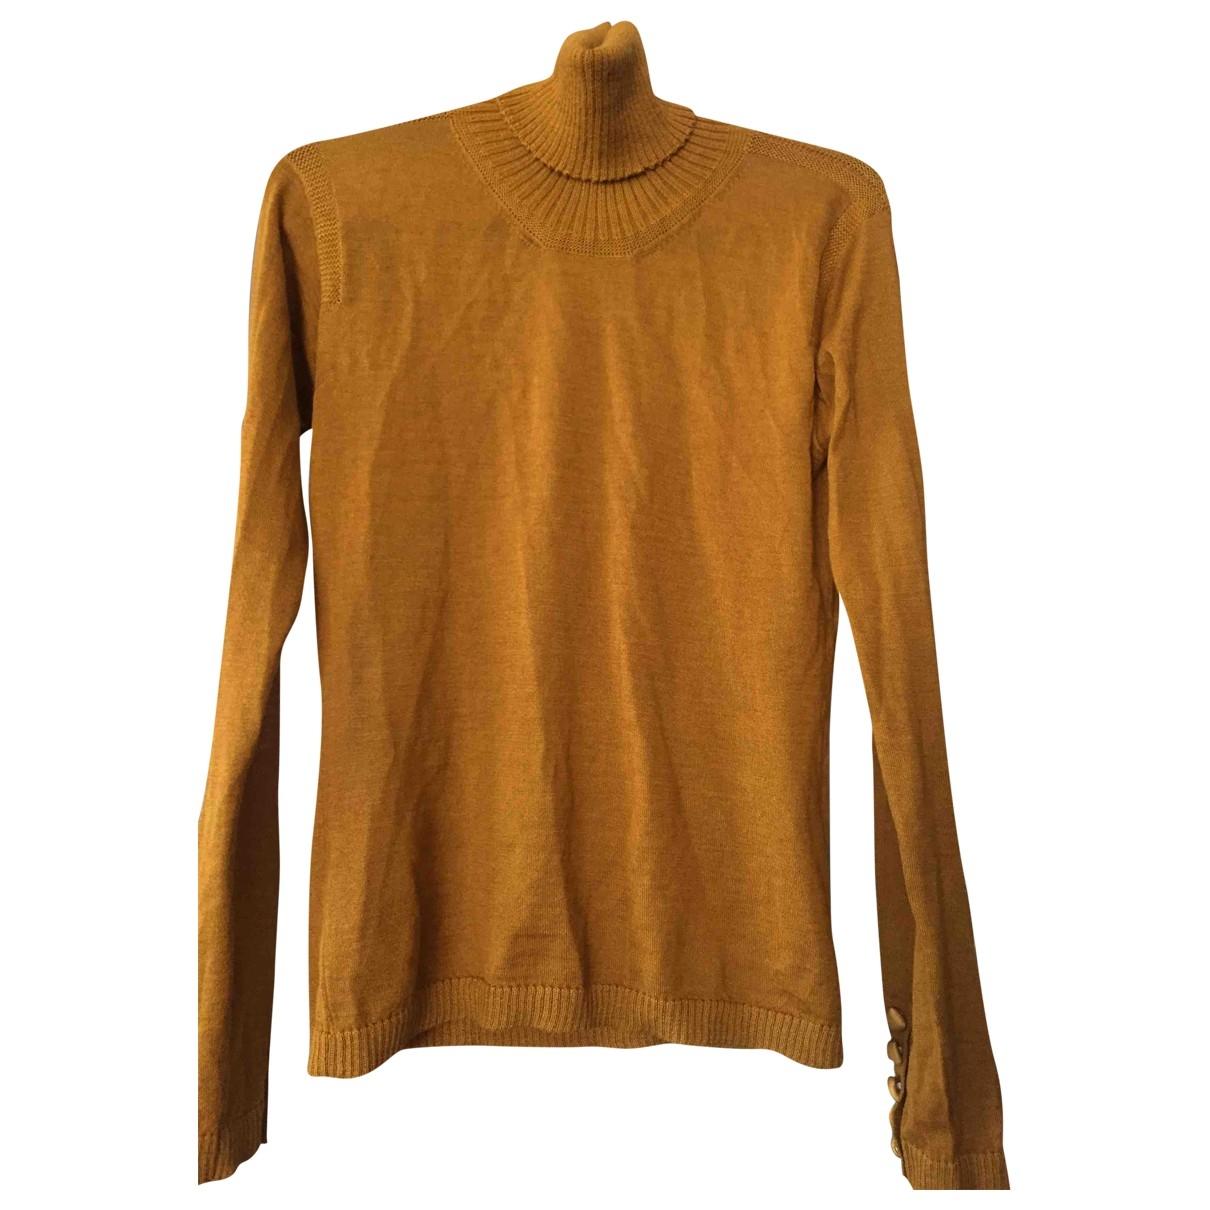 Lanvin \N Camel Wool Knitwear for Women S International